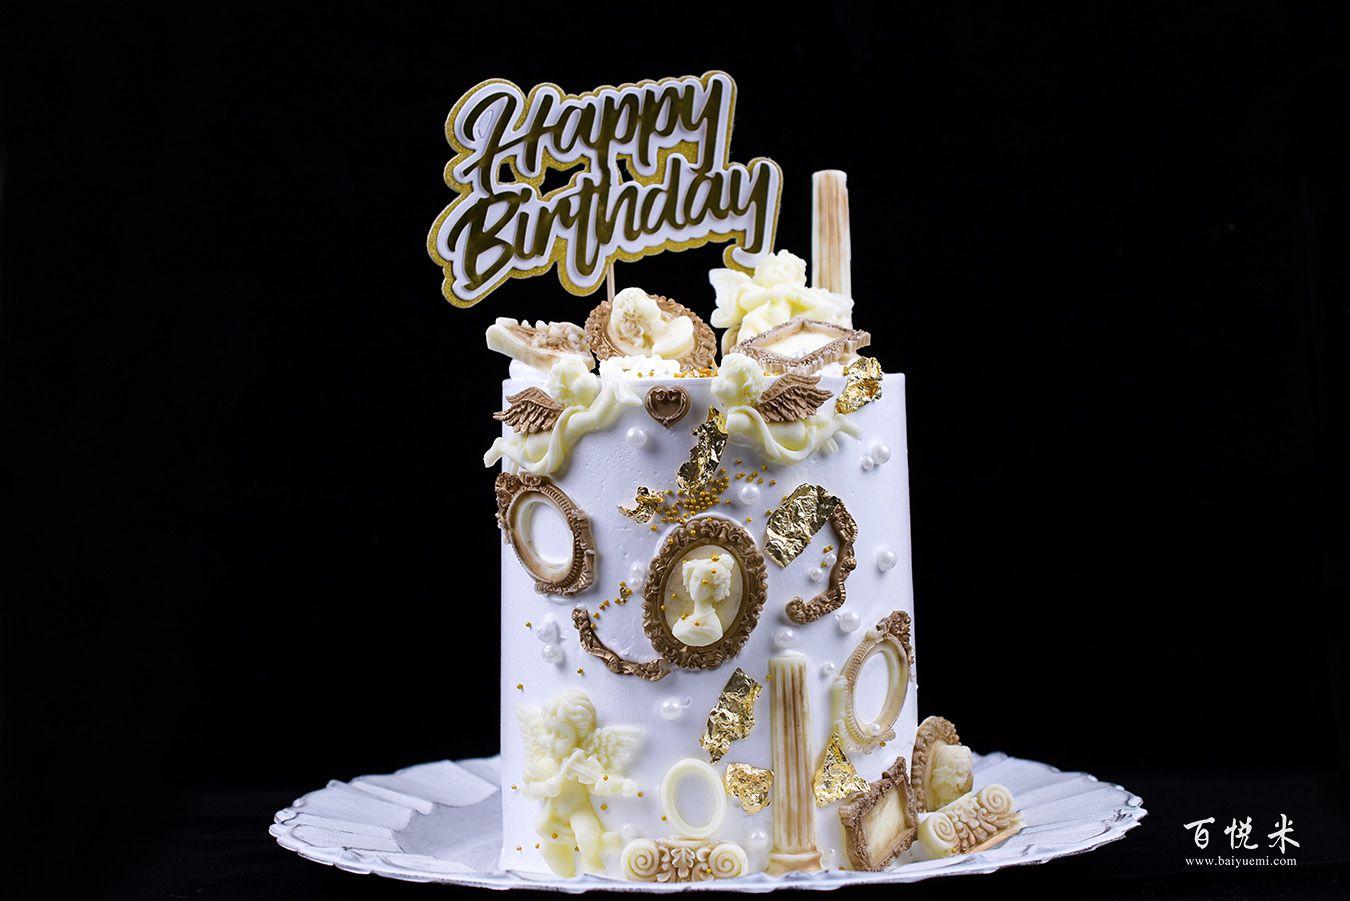 罗马天使浮雕蛋糕高清图片大全【蛋糕图片】_1062